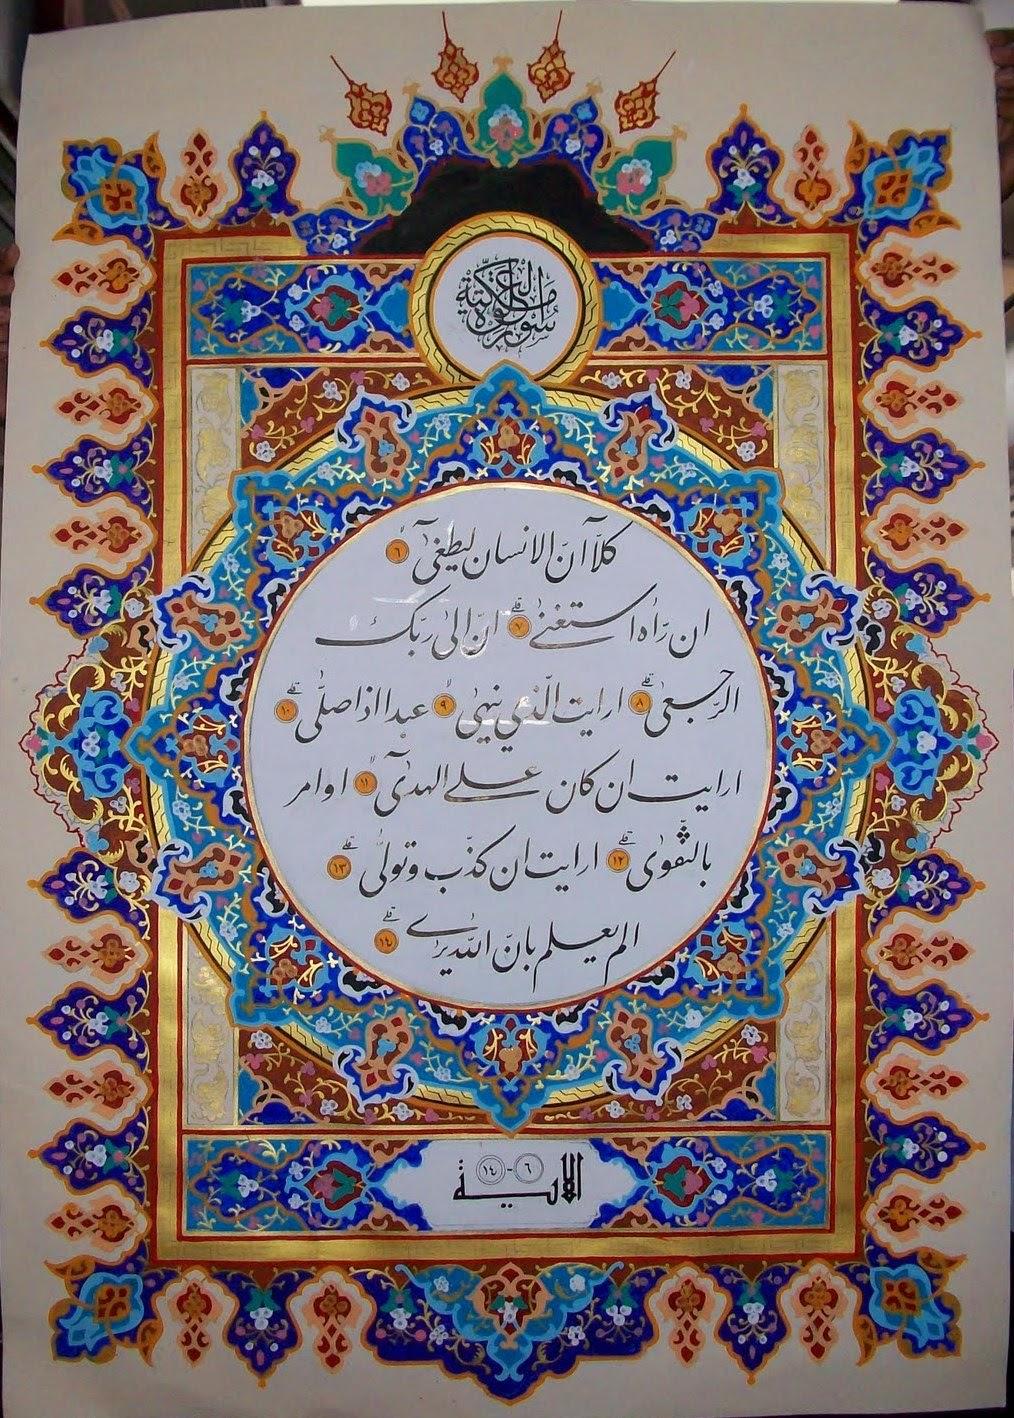 Jasa Kaligrafi Naskah dan Mushaf AlQuran  KALAM KALIGRAFI